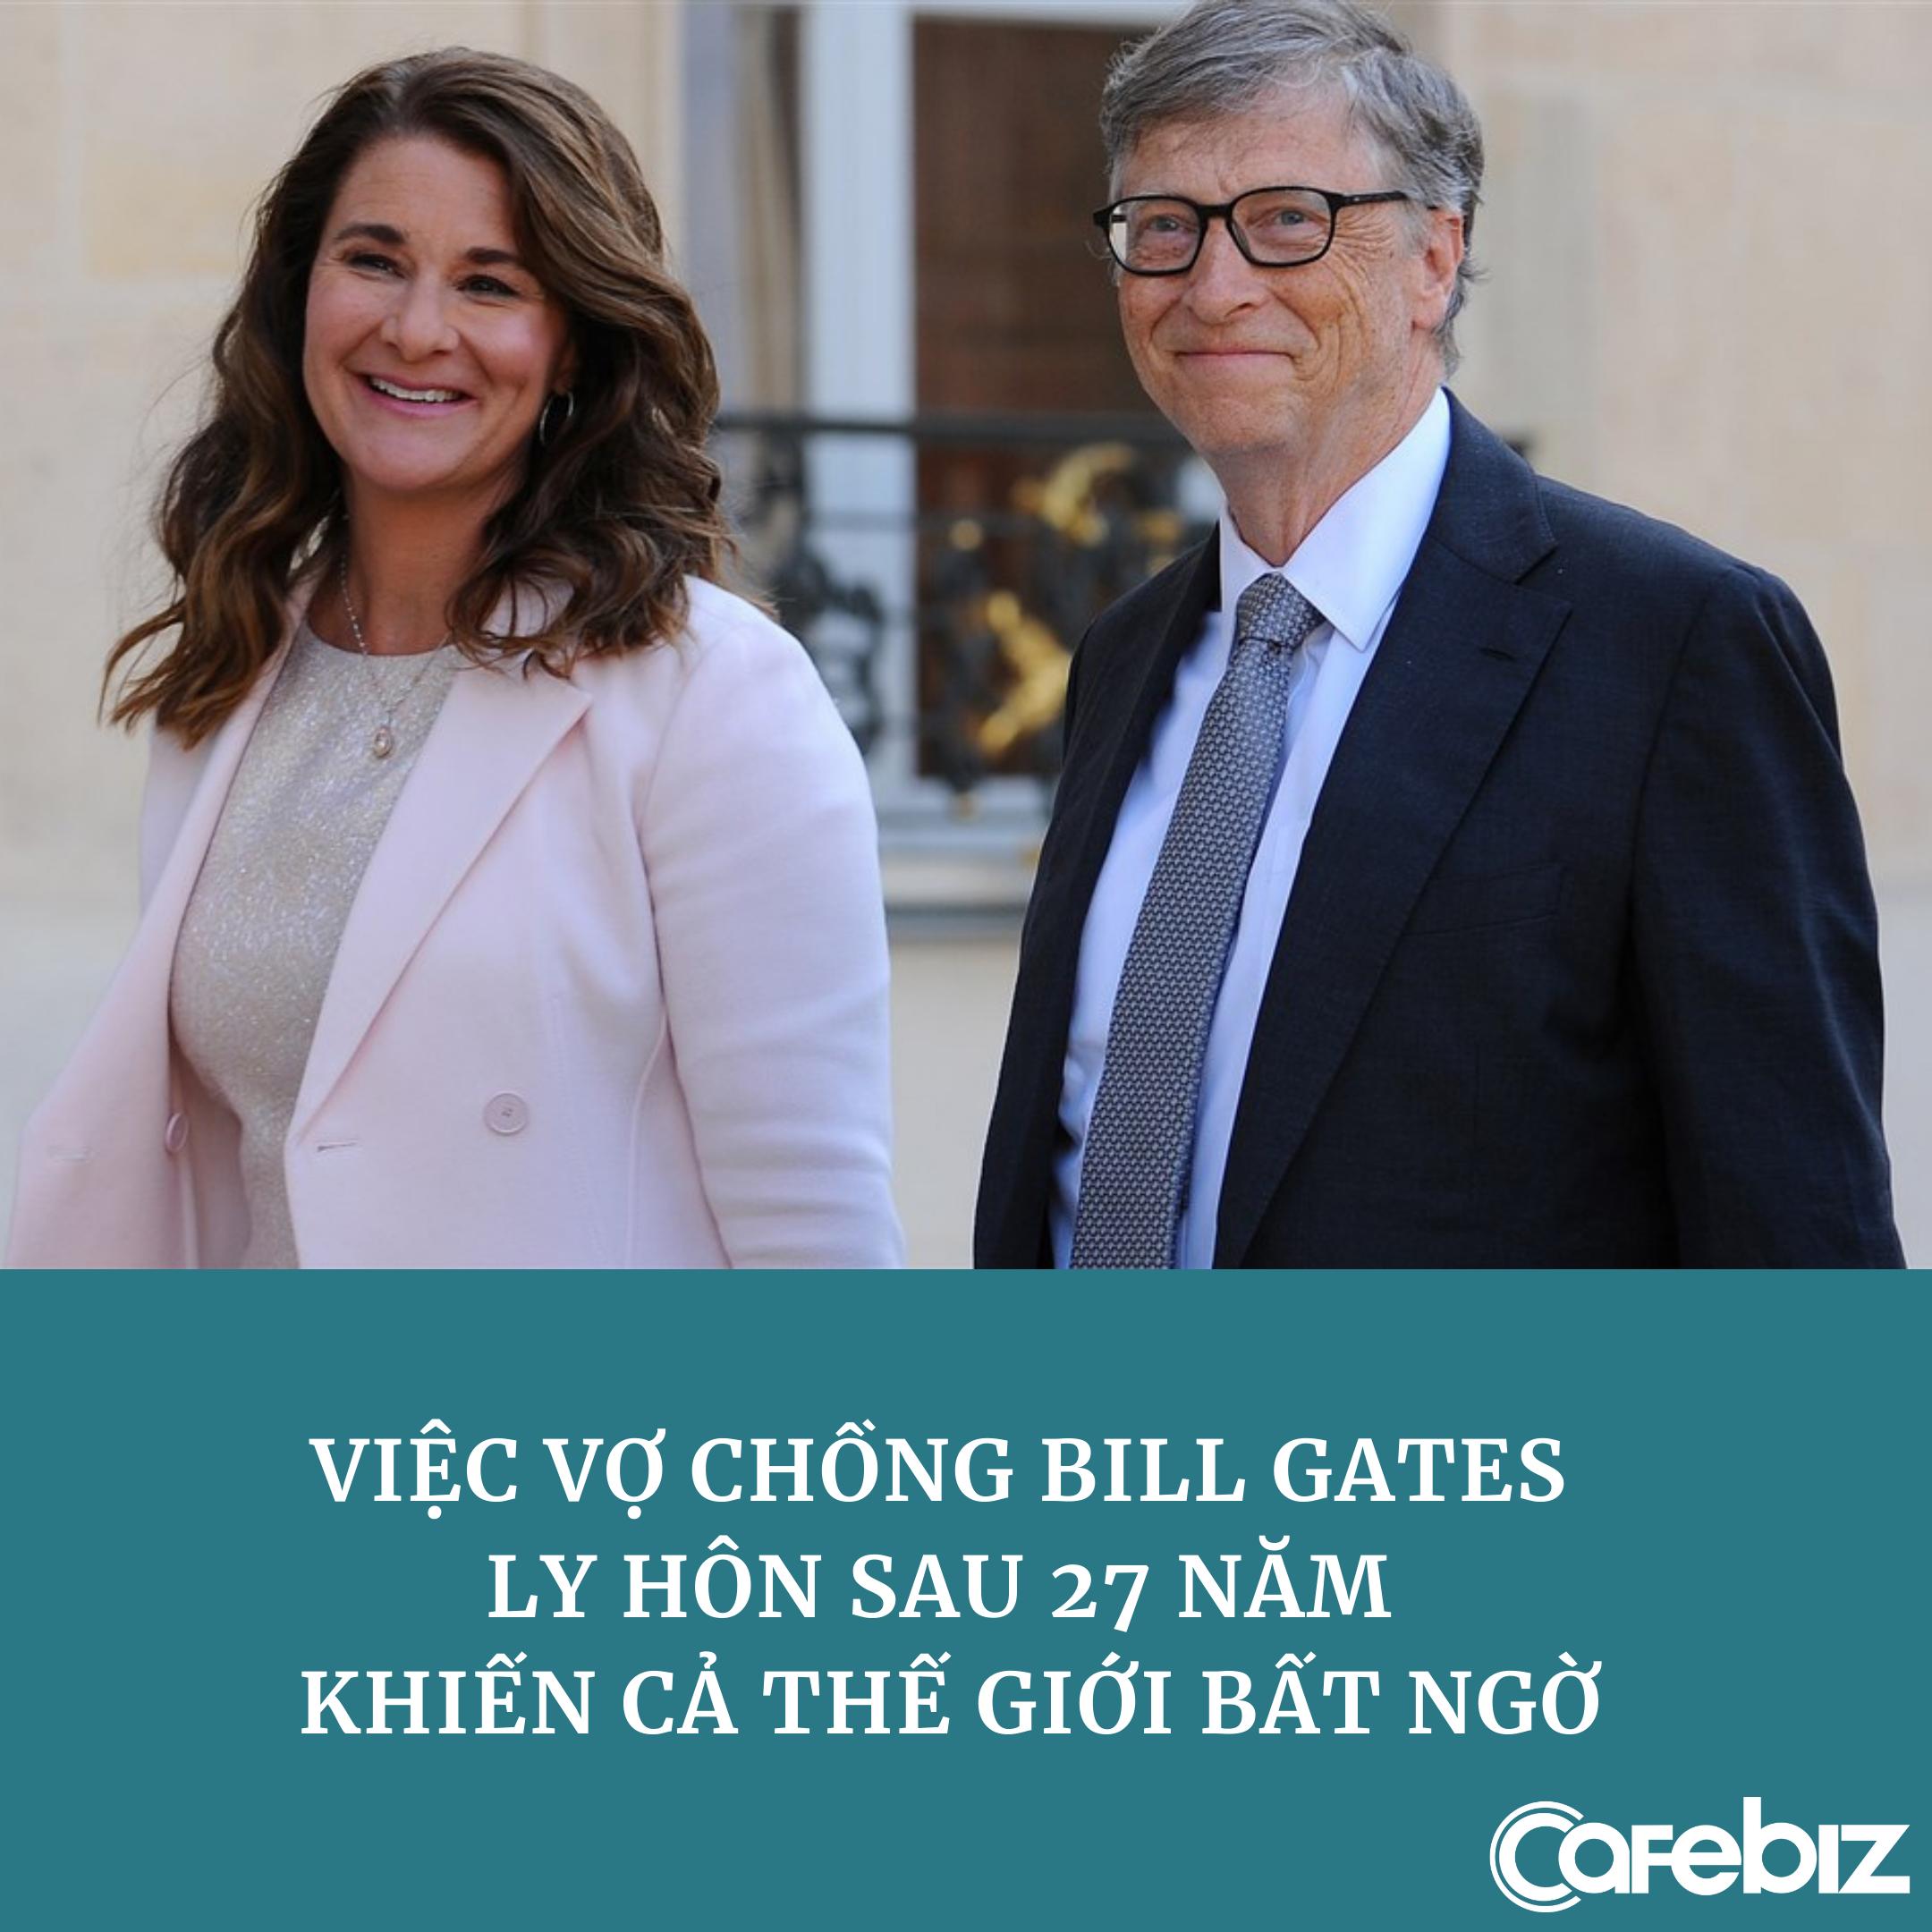 Bà Melinda gọi cuộc hôn nhân với Bill Gates là 'không thể cứu vãn', từ chối hỗ trợ lẫn nhau sau chia tay - Ảnh 1.